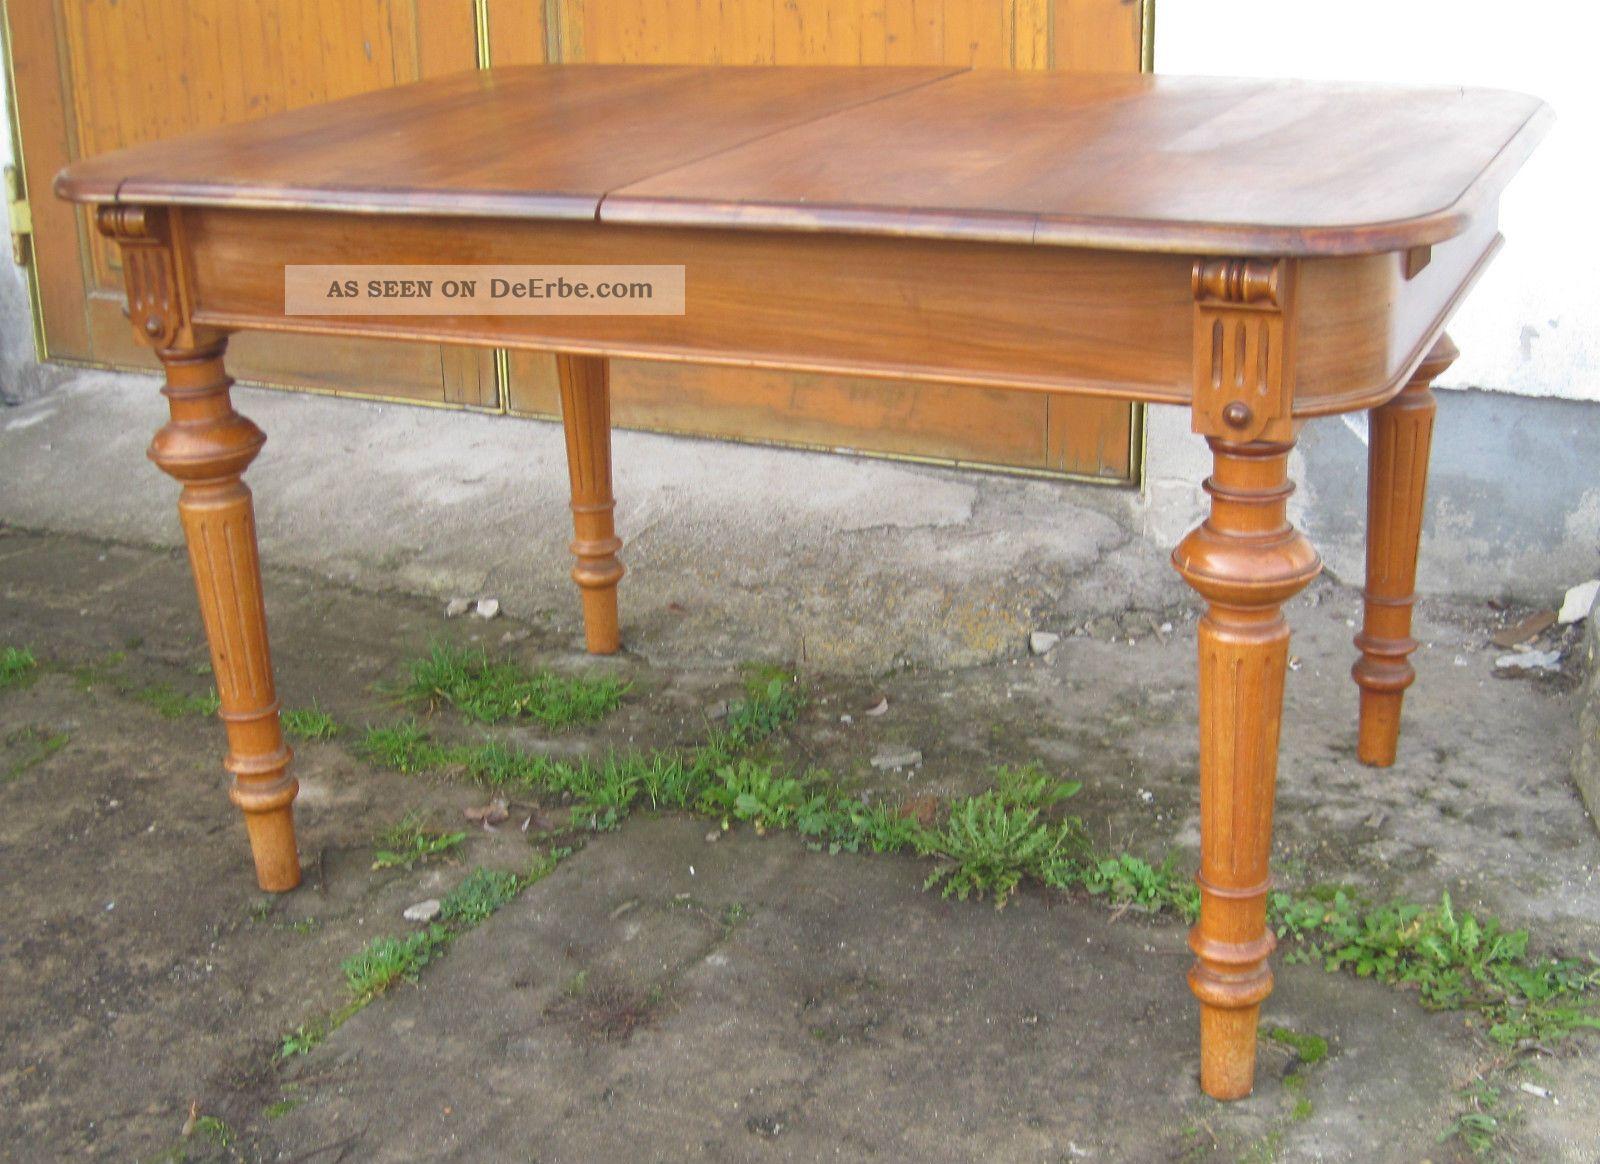 ... Speisezimmer - Tisch - Nußbaum Ausziehbar, Ca 1890 Esstische Bild 1